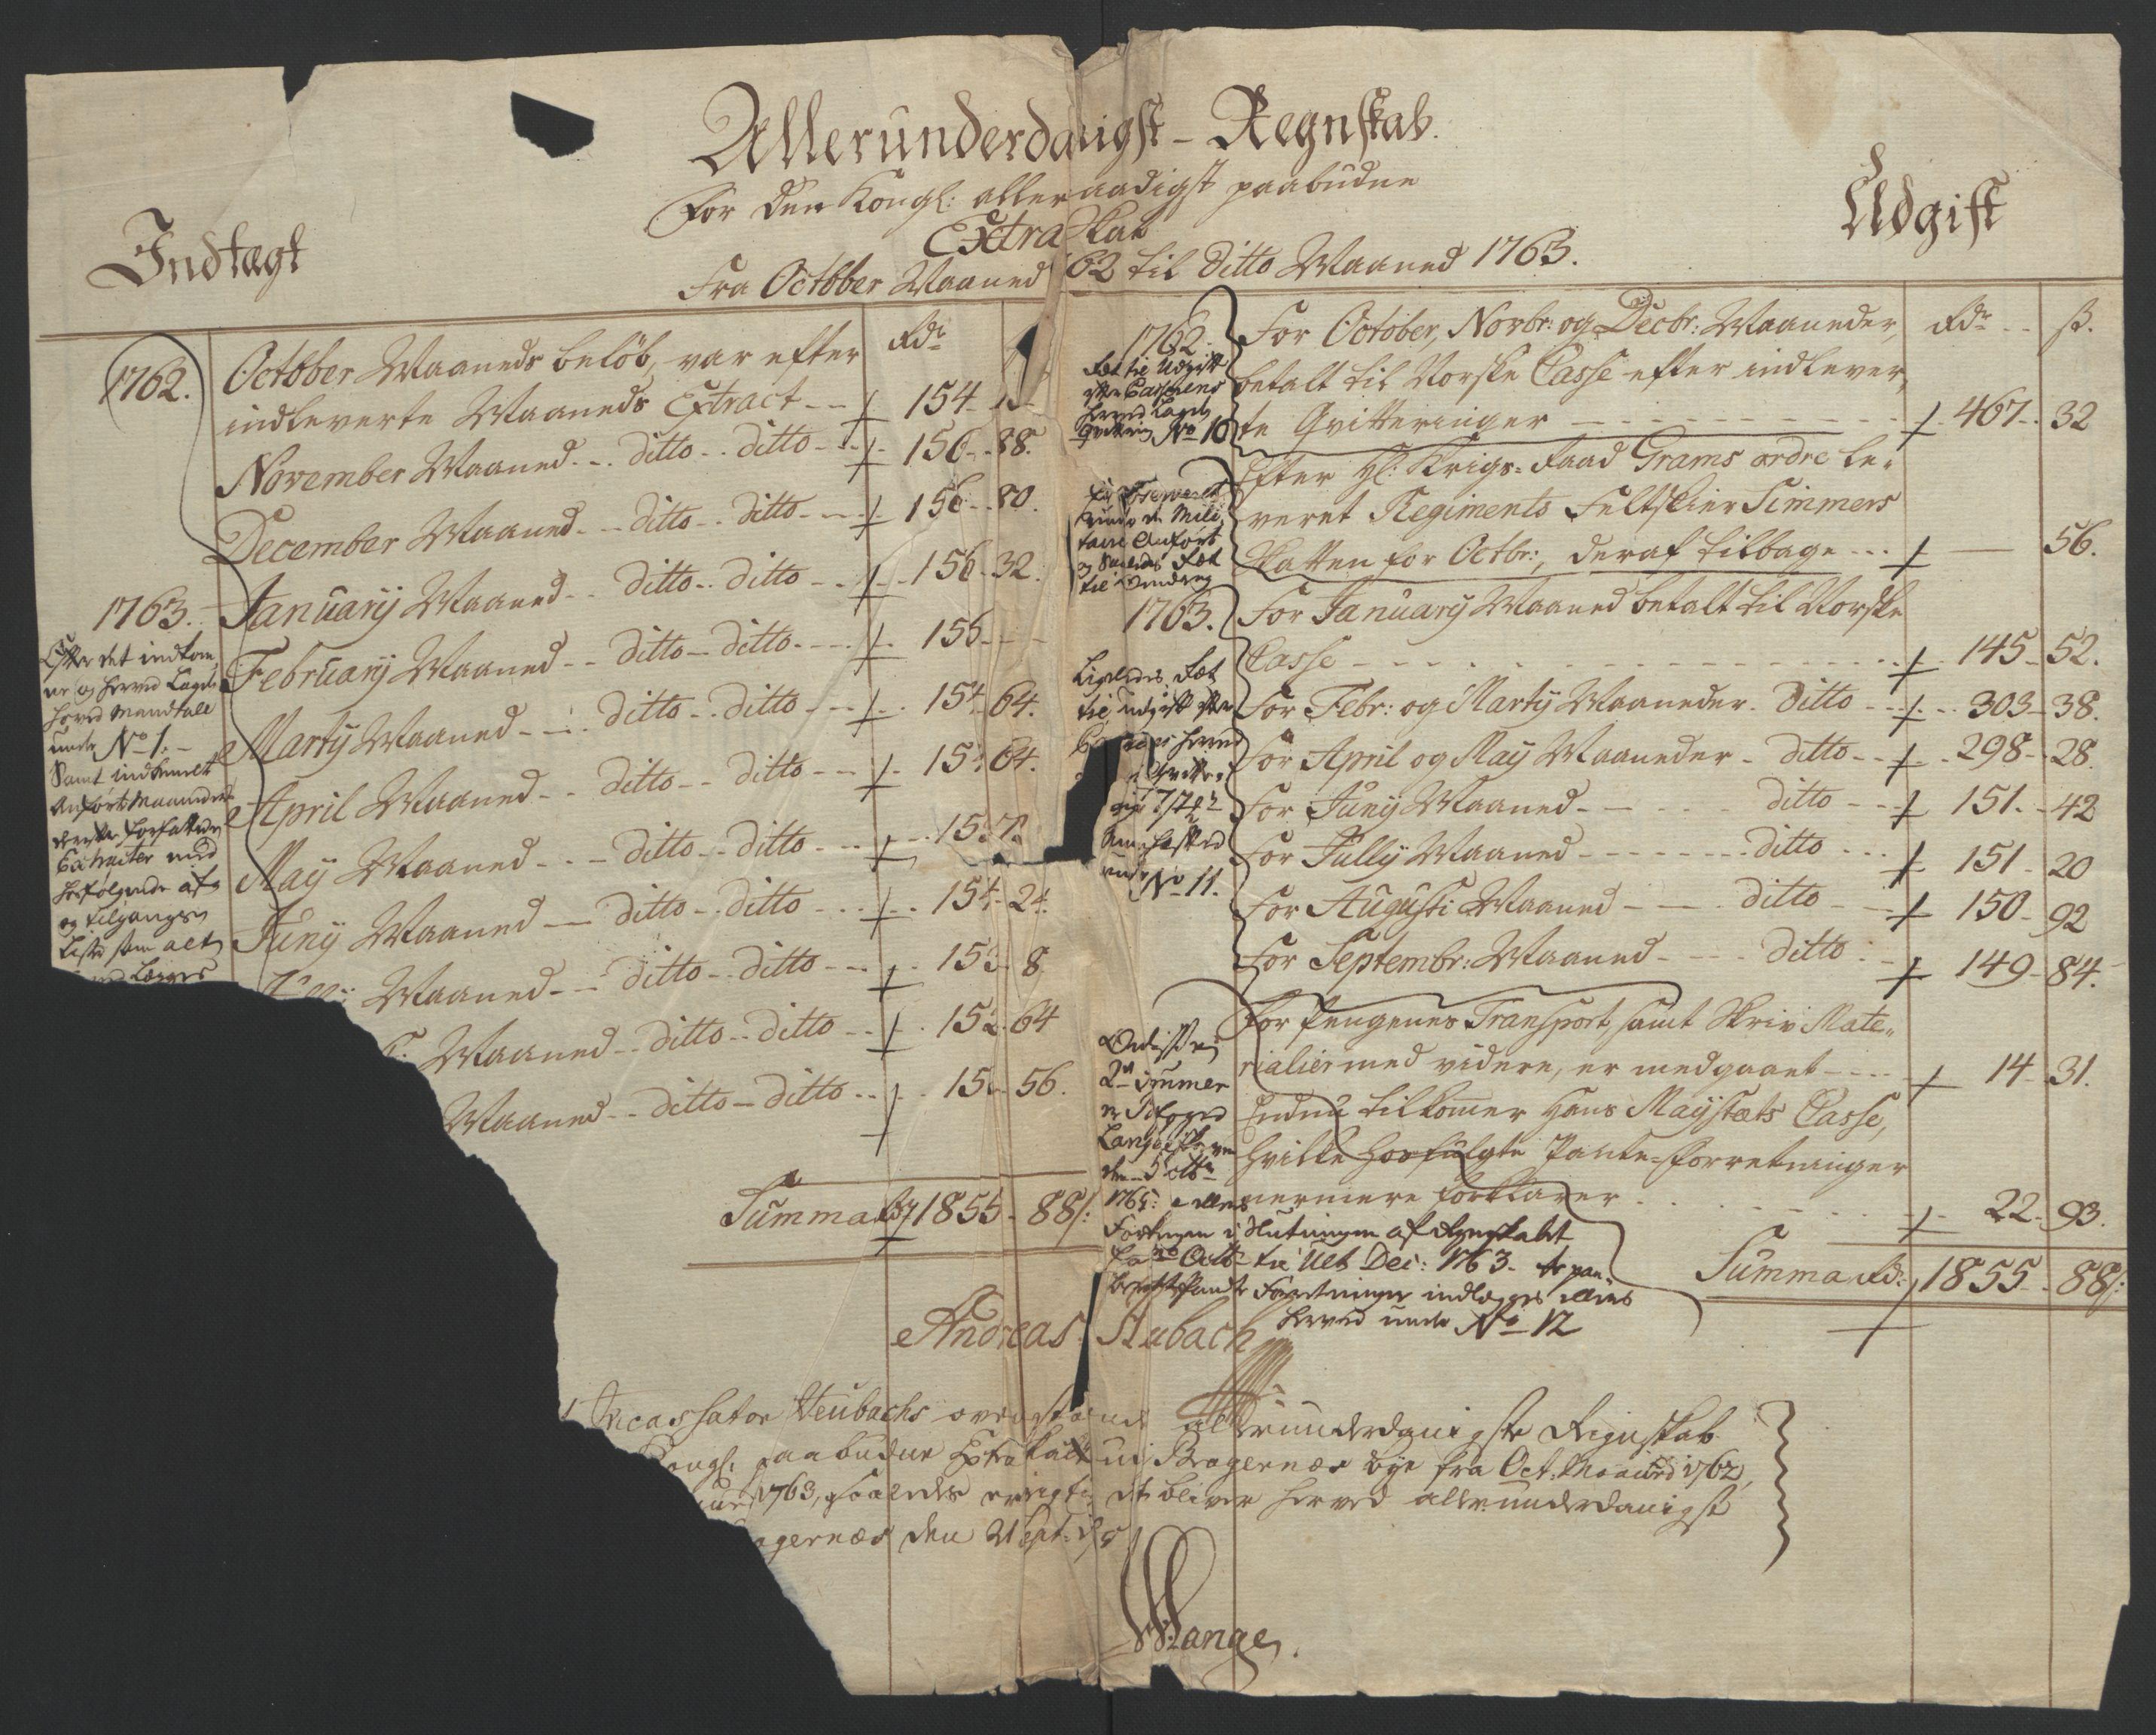 RA, Rentekammeret inntil 1814, Reviderte regnskaper, Byregnskaper, R/Rf/L0119: [F2] Kontribusjonsregnskap, 1762-1767, s. 4